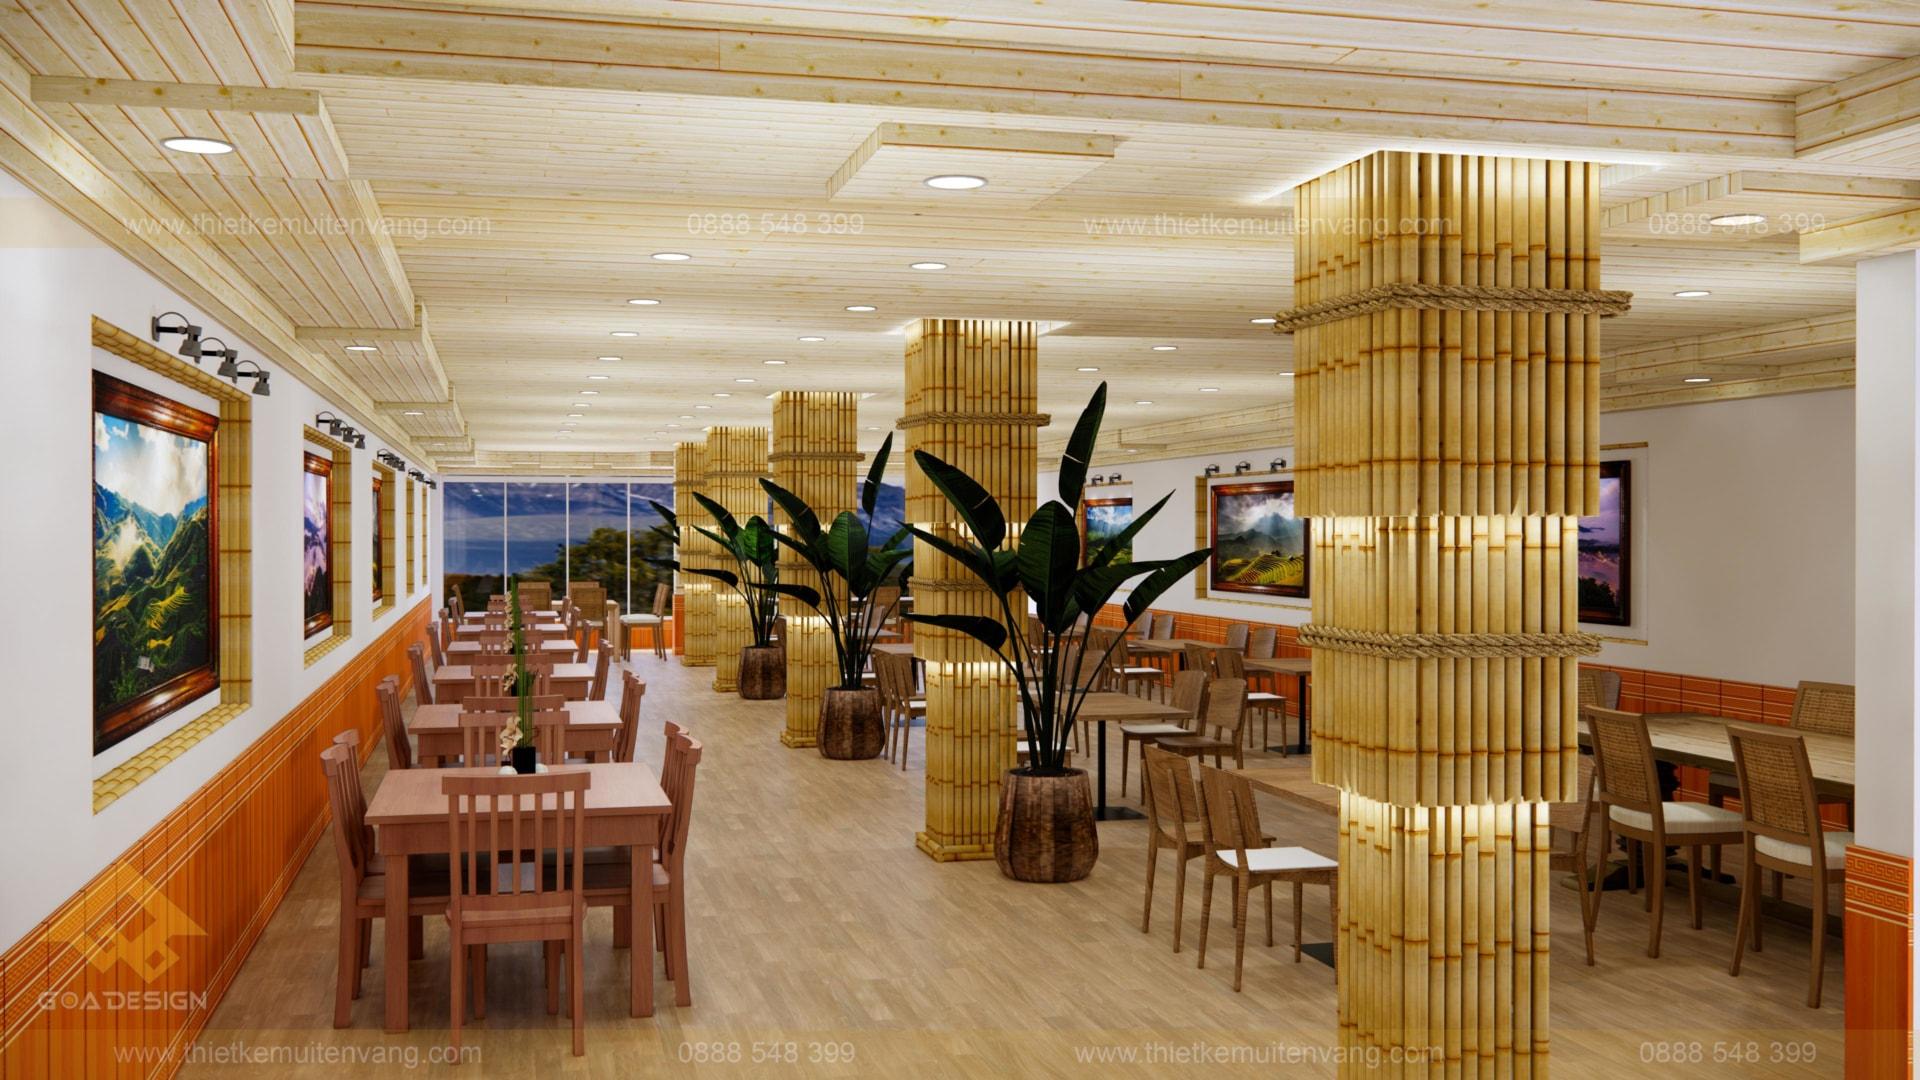 thiết kế nhà nhà hàng sapa 2020 (5)